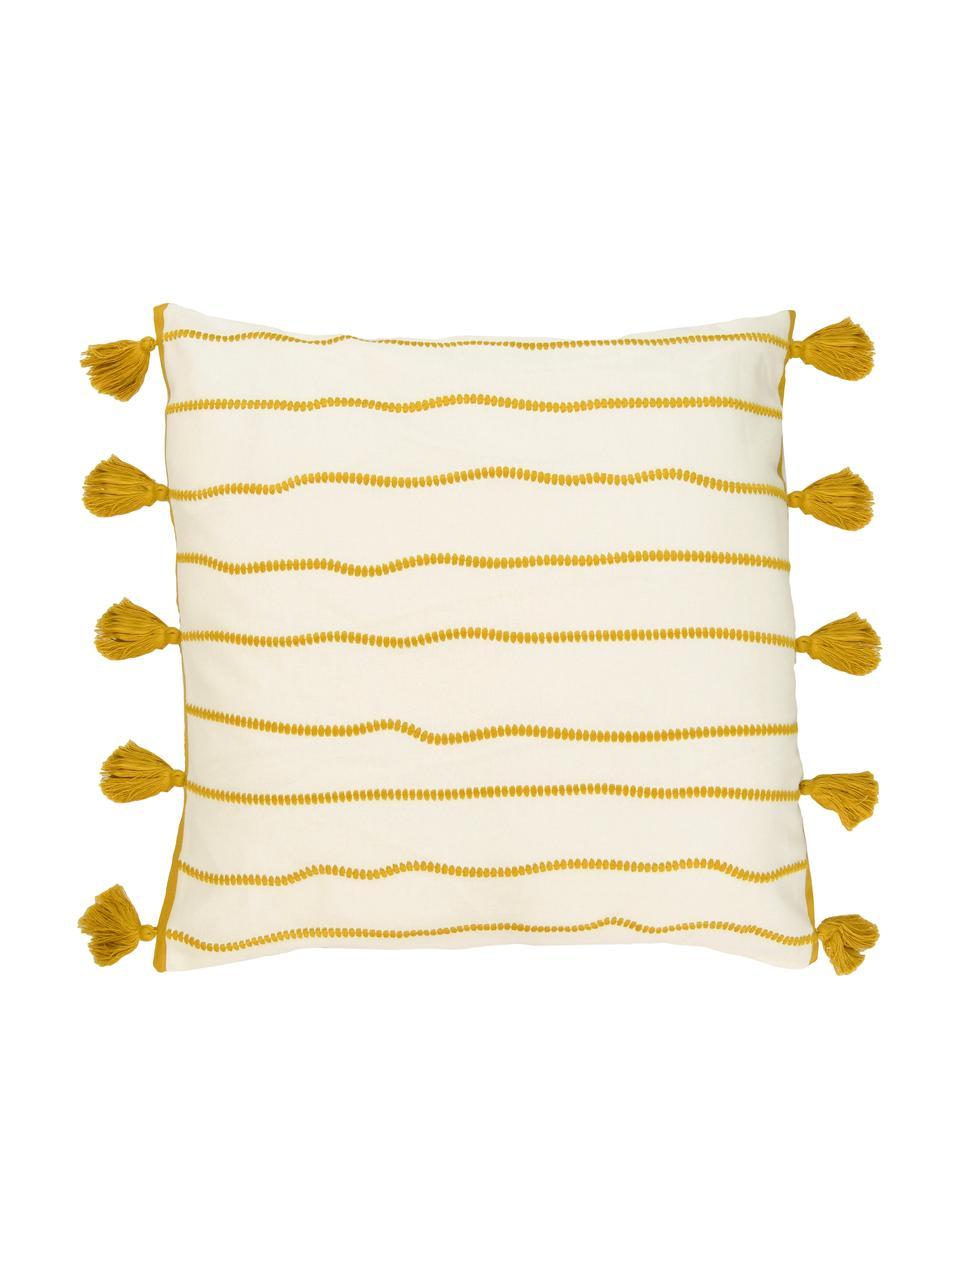 Kissenhülle Blanket mit Quasten, 100% Baumwolle, Gelb, Weiß, 50 x 50 cm